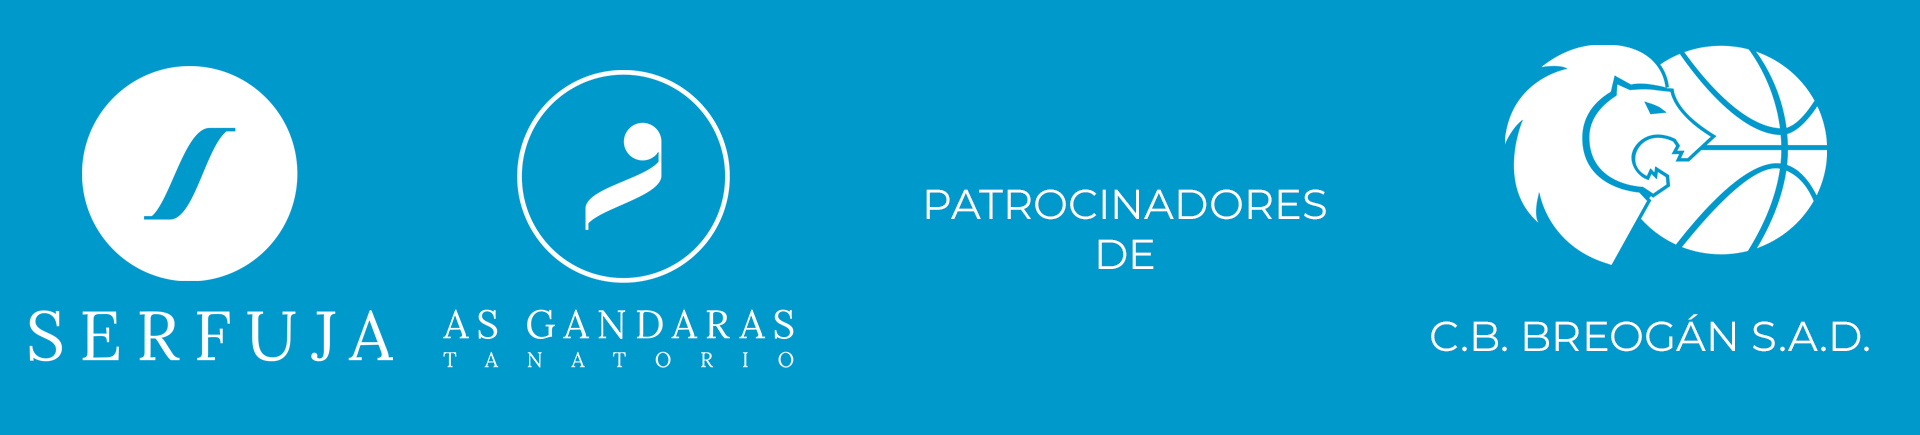 Serfuja - Tanatorio As Gándaras pratocinadore de C.B. Breogán S.A.D.